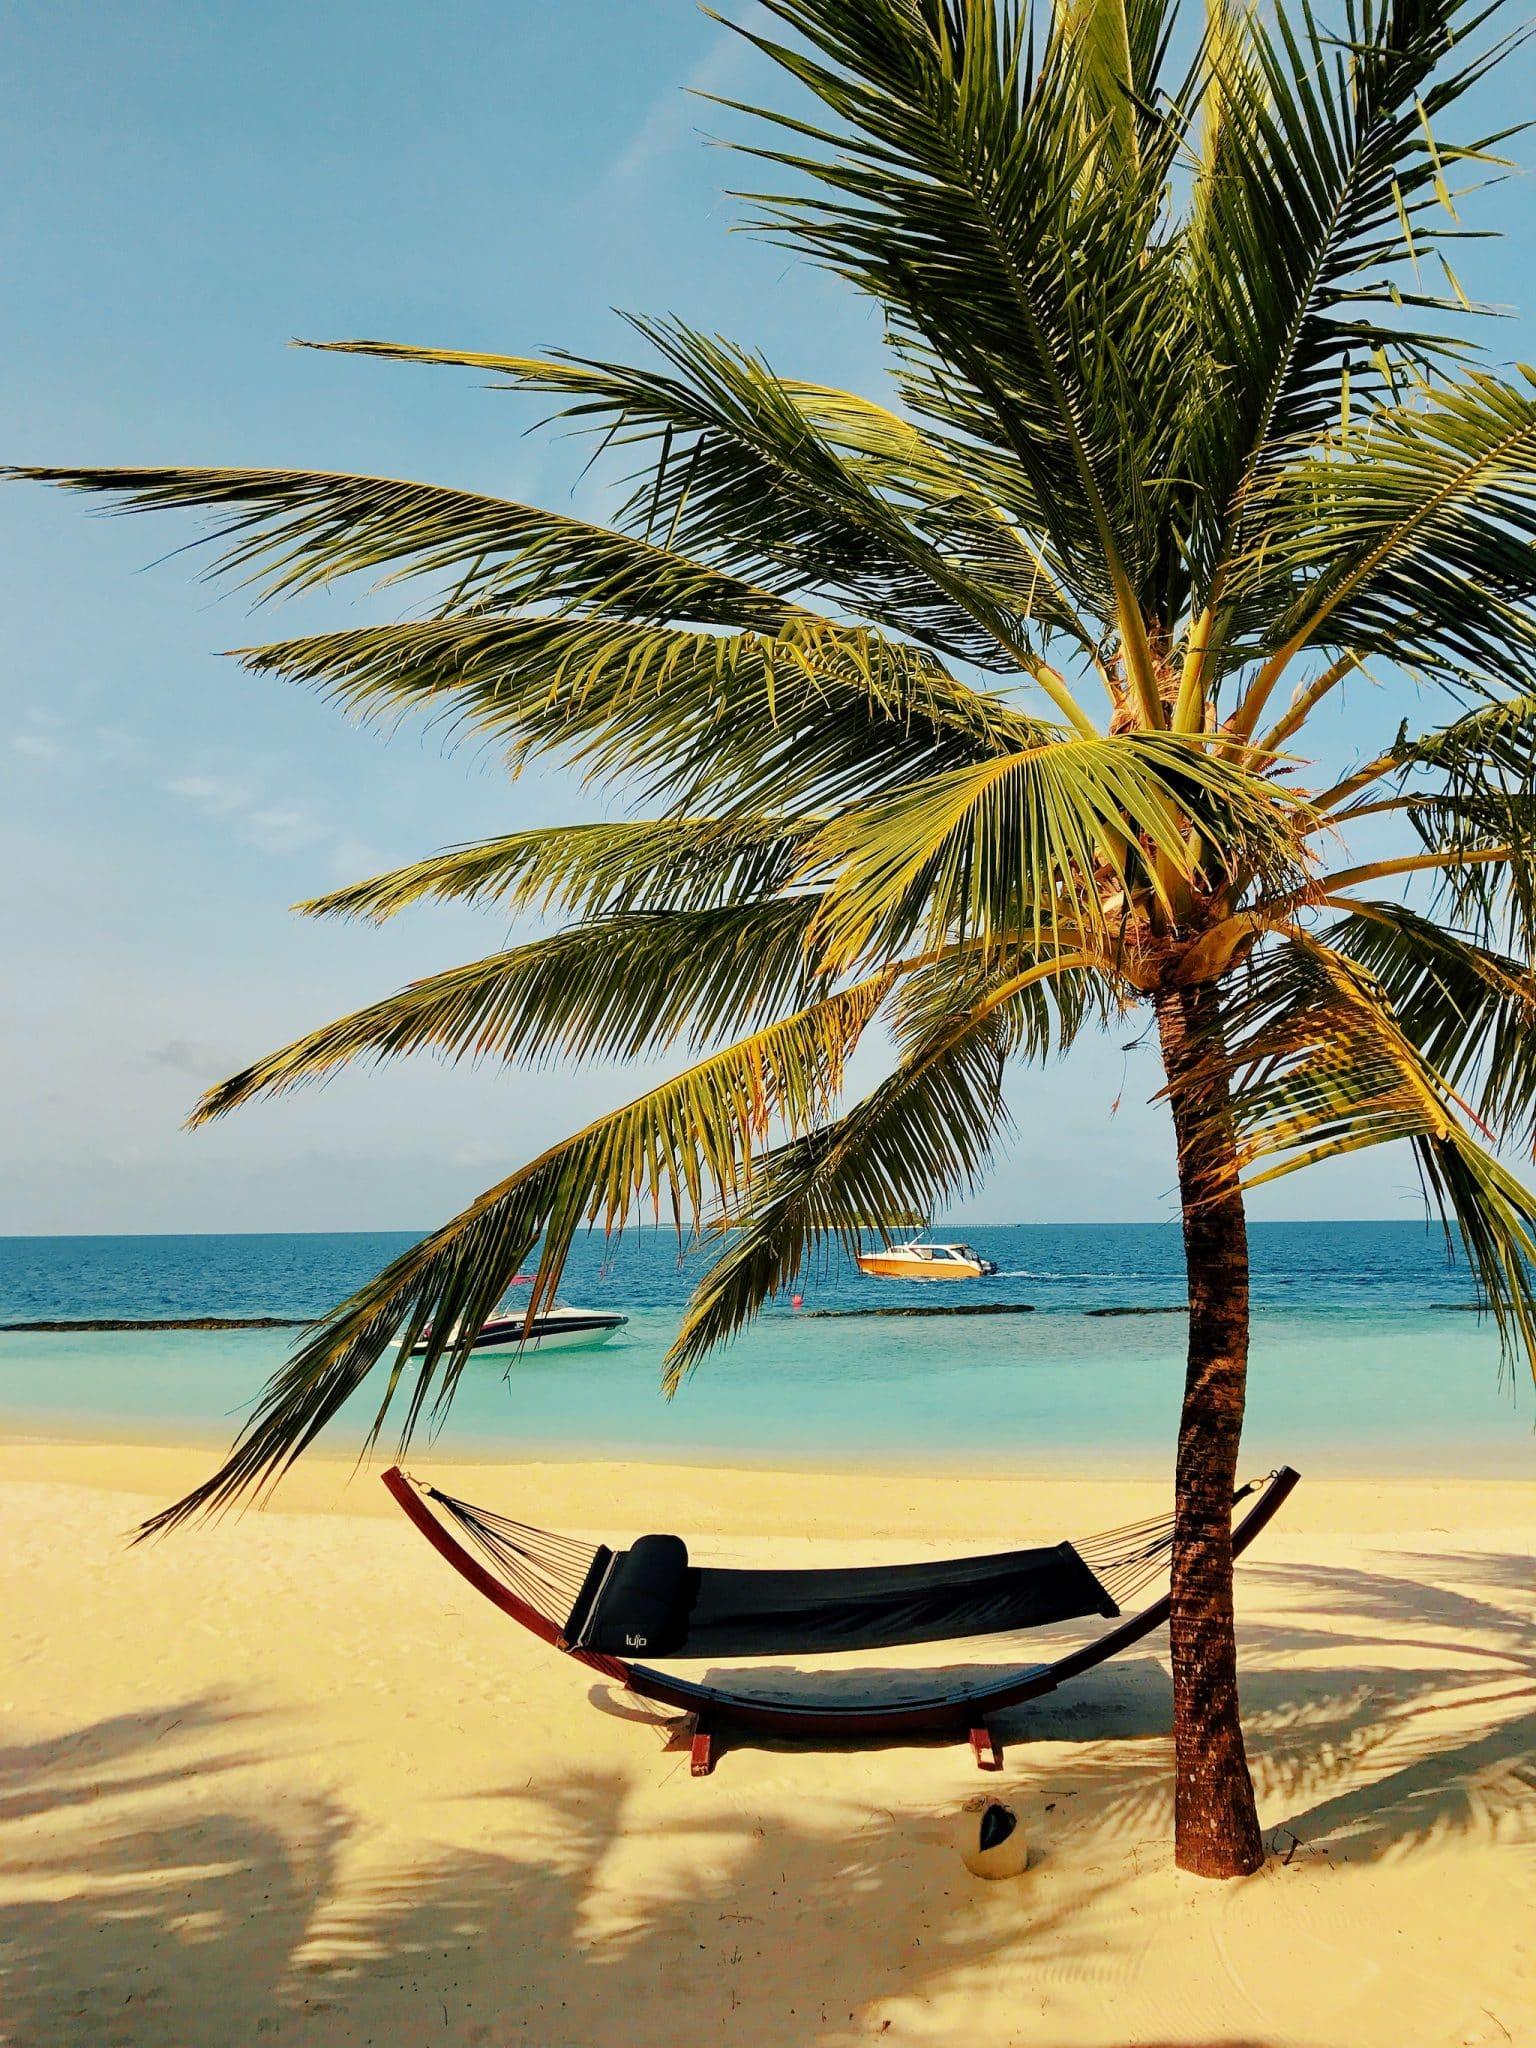 Auf der Hängematte am Strand liegen und die Seele baumeln lassen – so stellen sich viele Reisende einen Aufenthalt auf den Malediven vor. Foto: Sascha Tegtmeyer Reisebericht Malediven Tipps